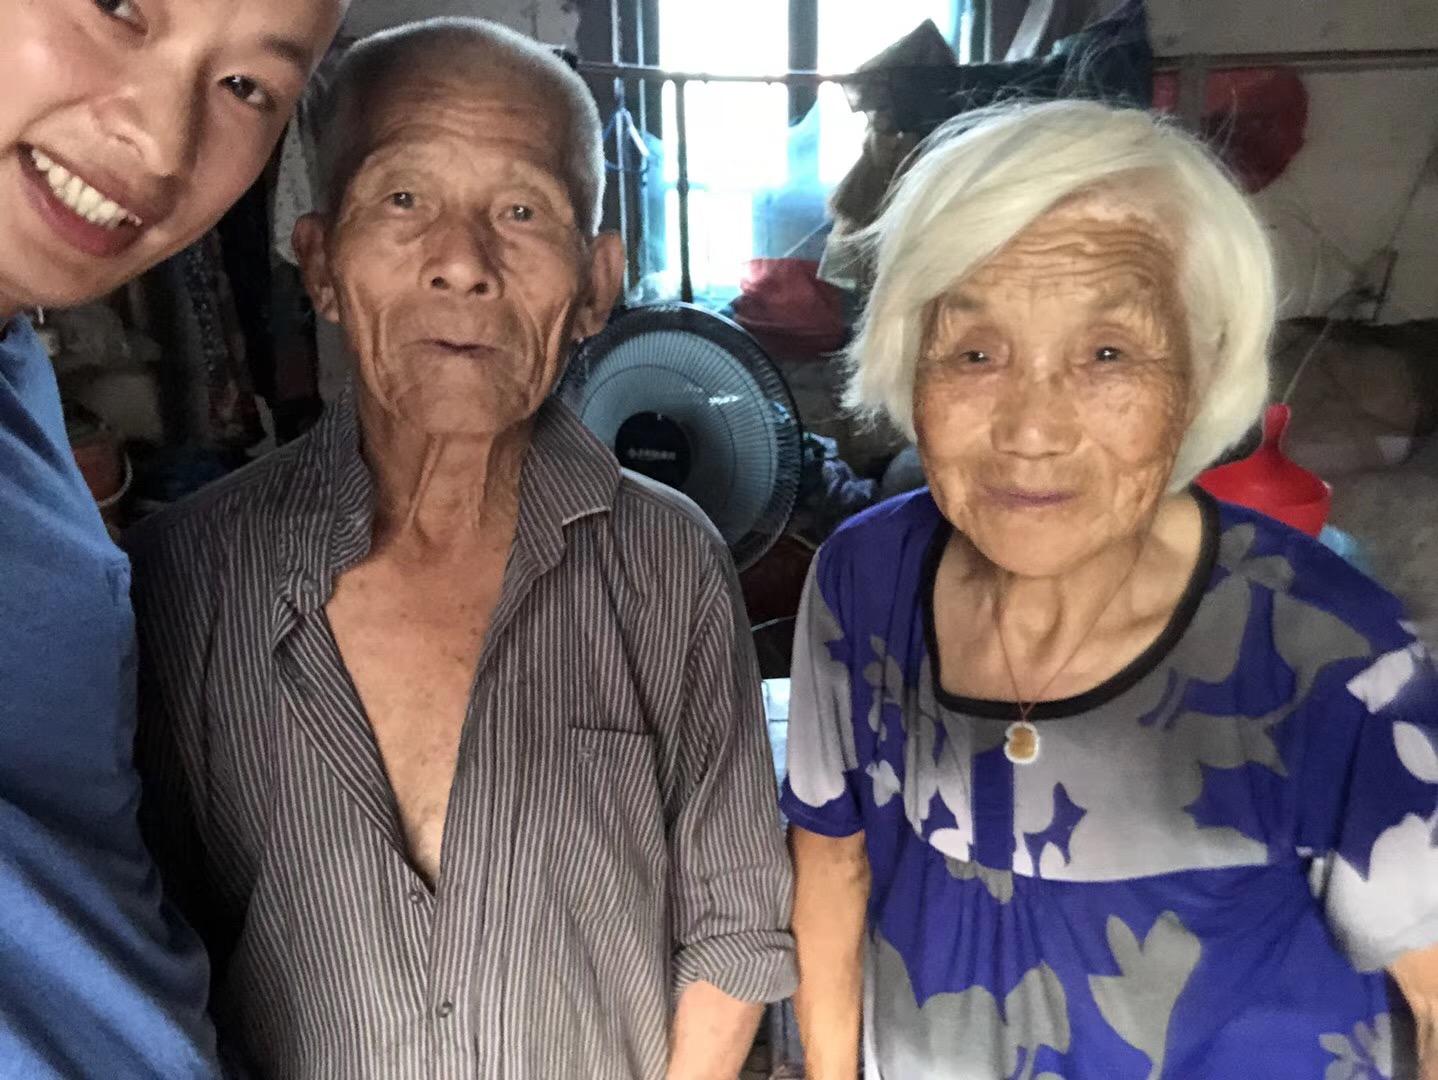 老人看到大郎买的风扇很开心,从席子地下东拼西凑了30块钱要交给大郎。拒收钱的大郎喜欢这种亲切